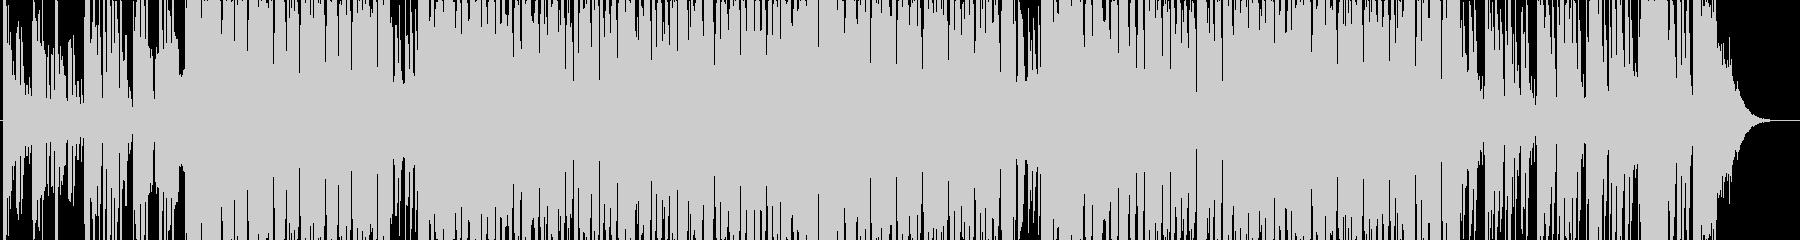 ニュース番組に合いそうなデジタルな曲の未再生の波形